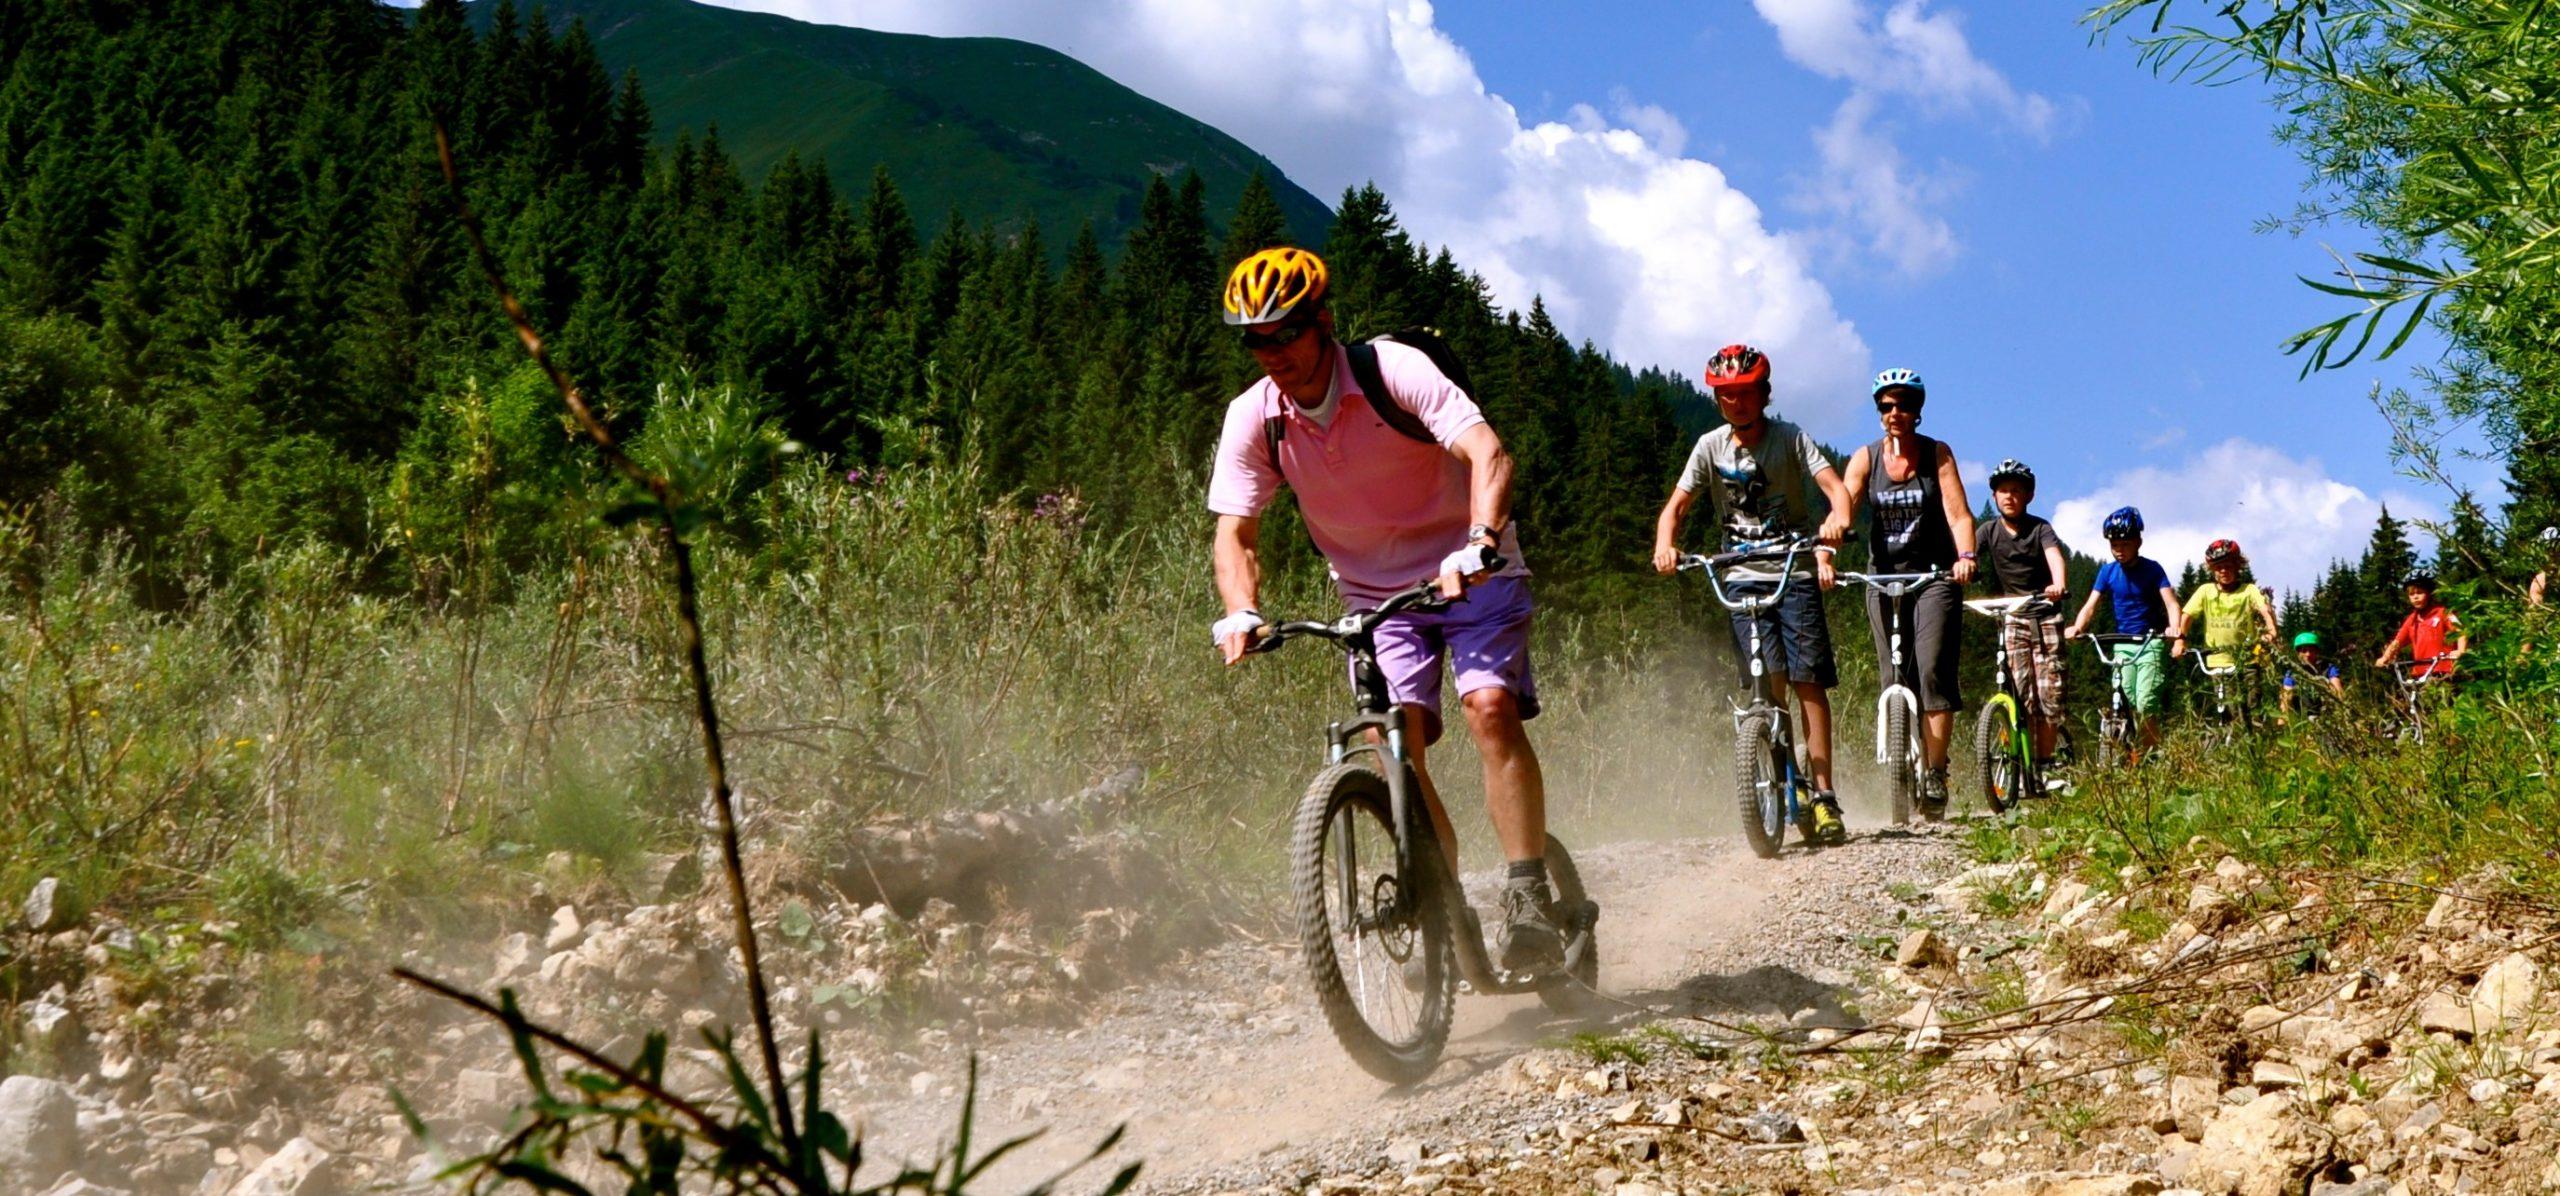 Im Sommer locken Bergroller-Touren.